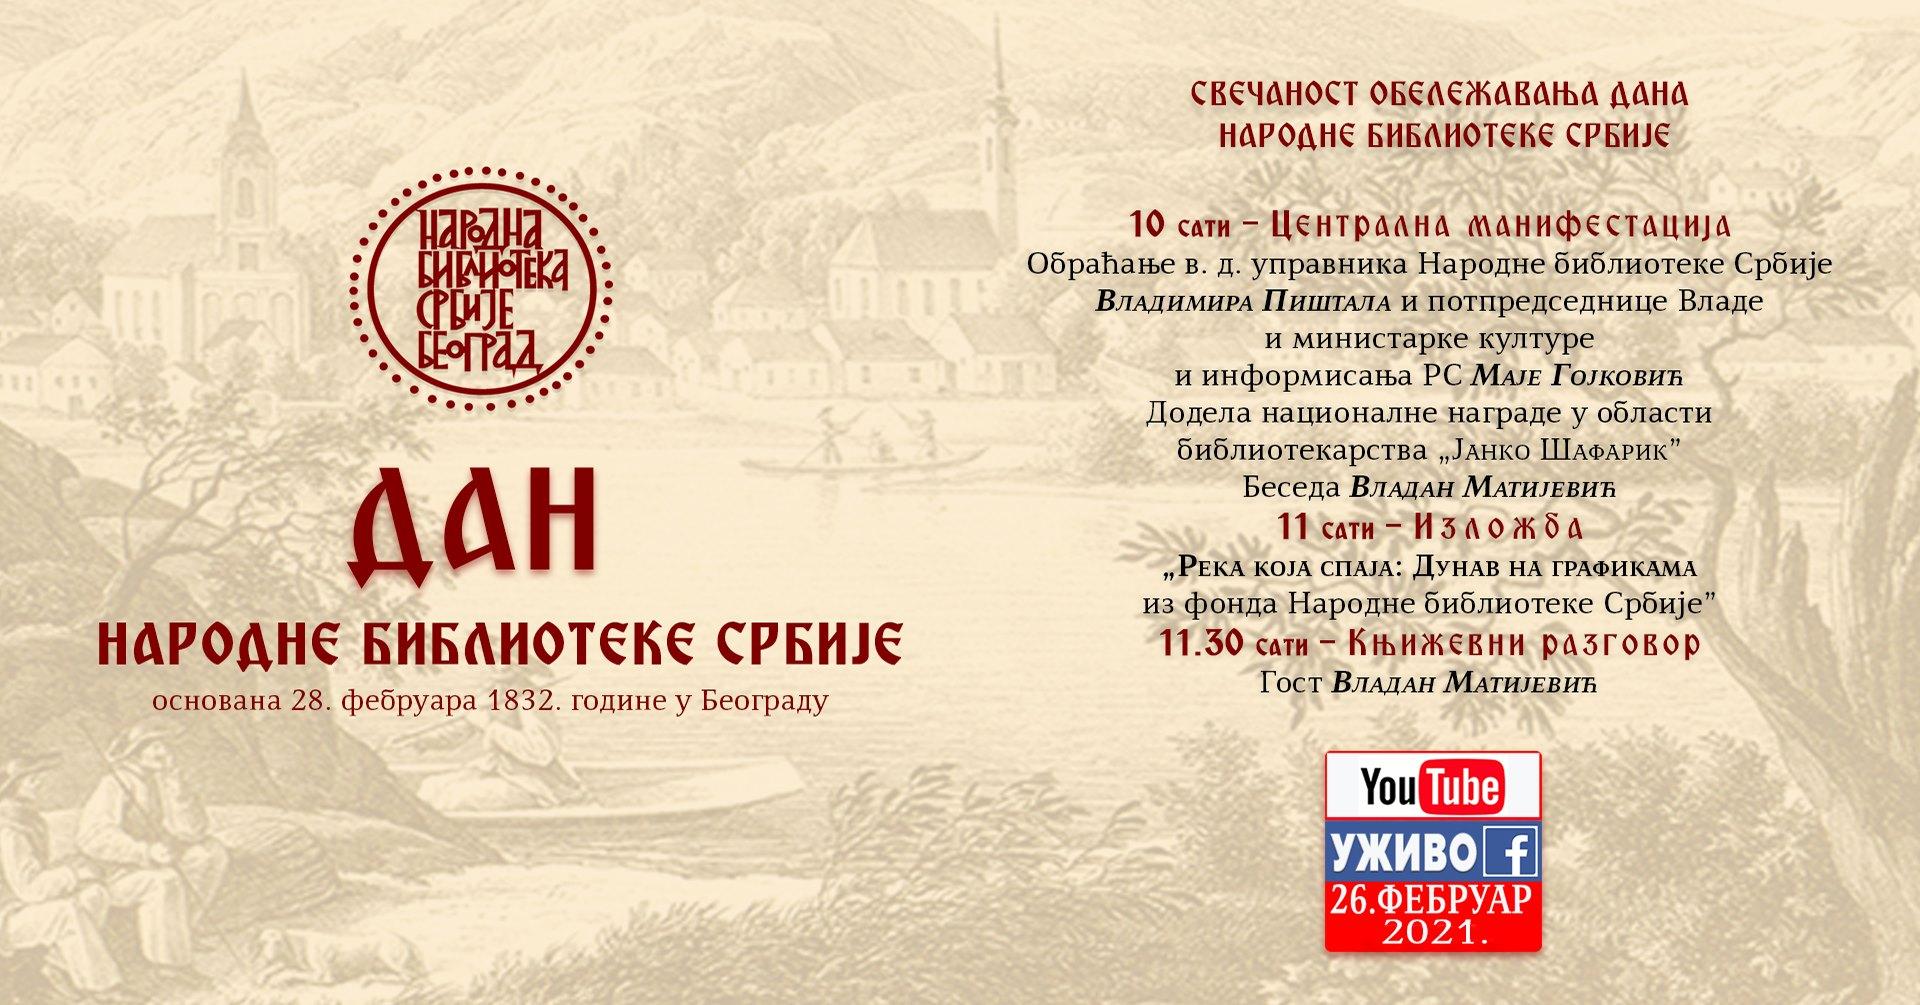 Дана Народне библиотеке Србије - Национални дан књиге